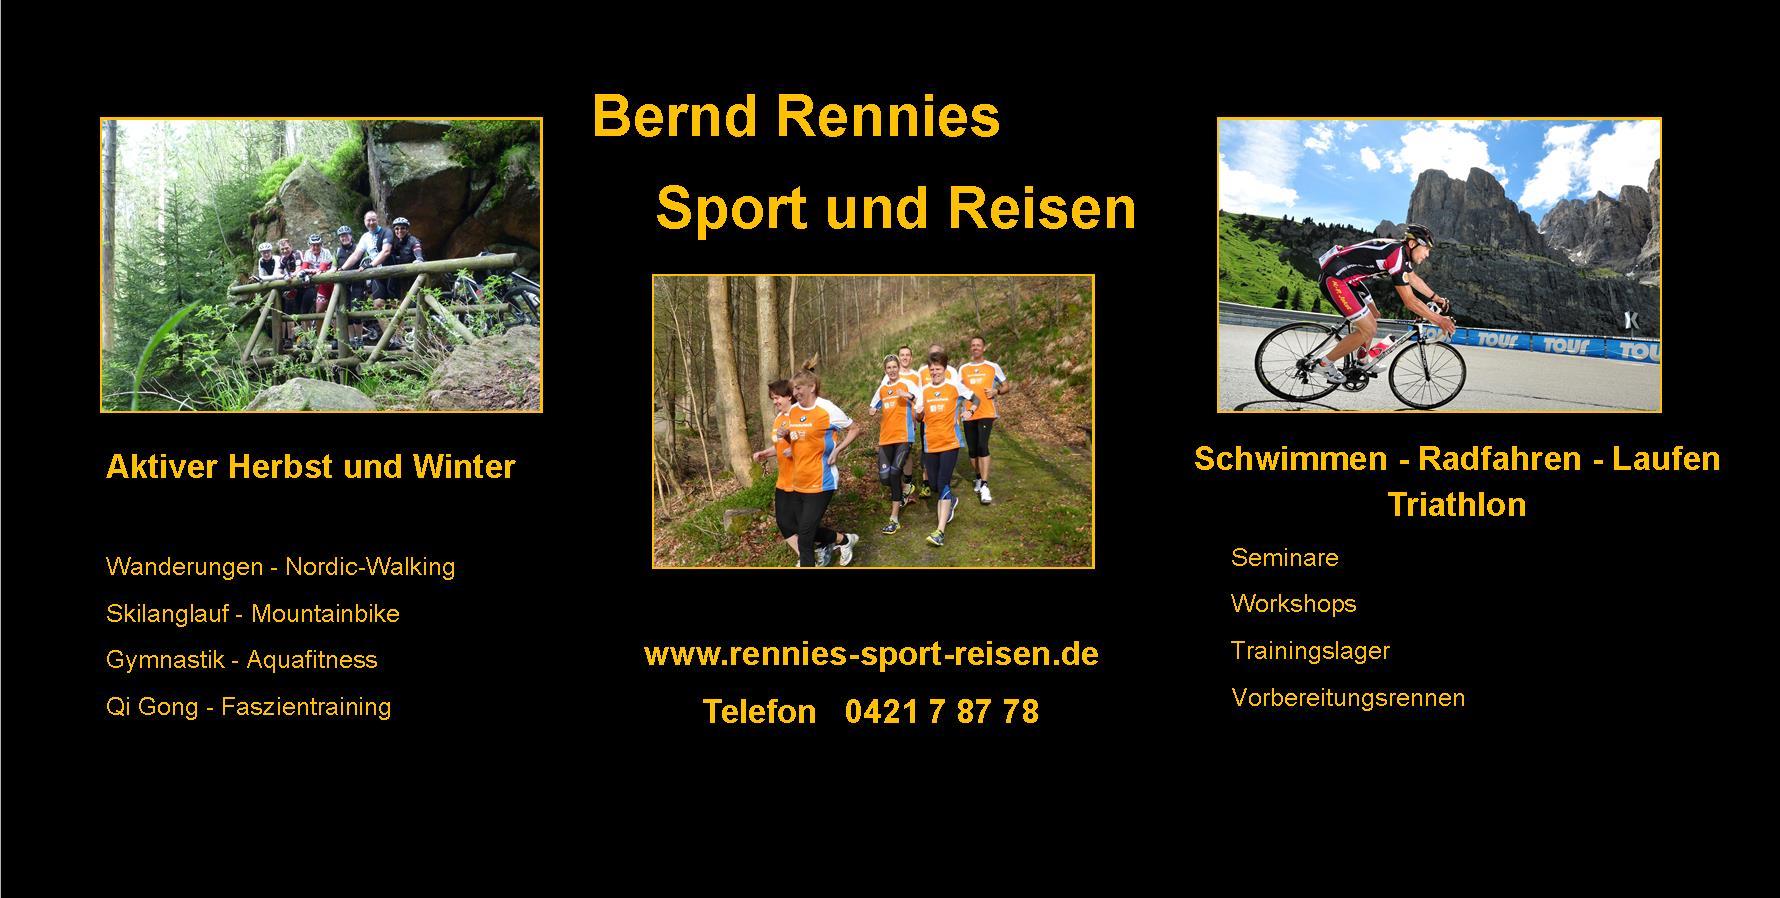 Bernd Rennies Sport und Reisen